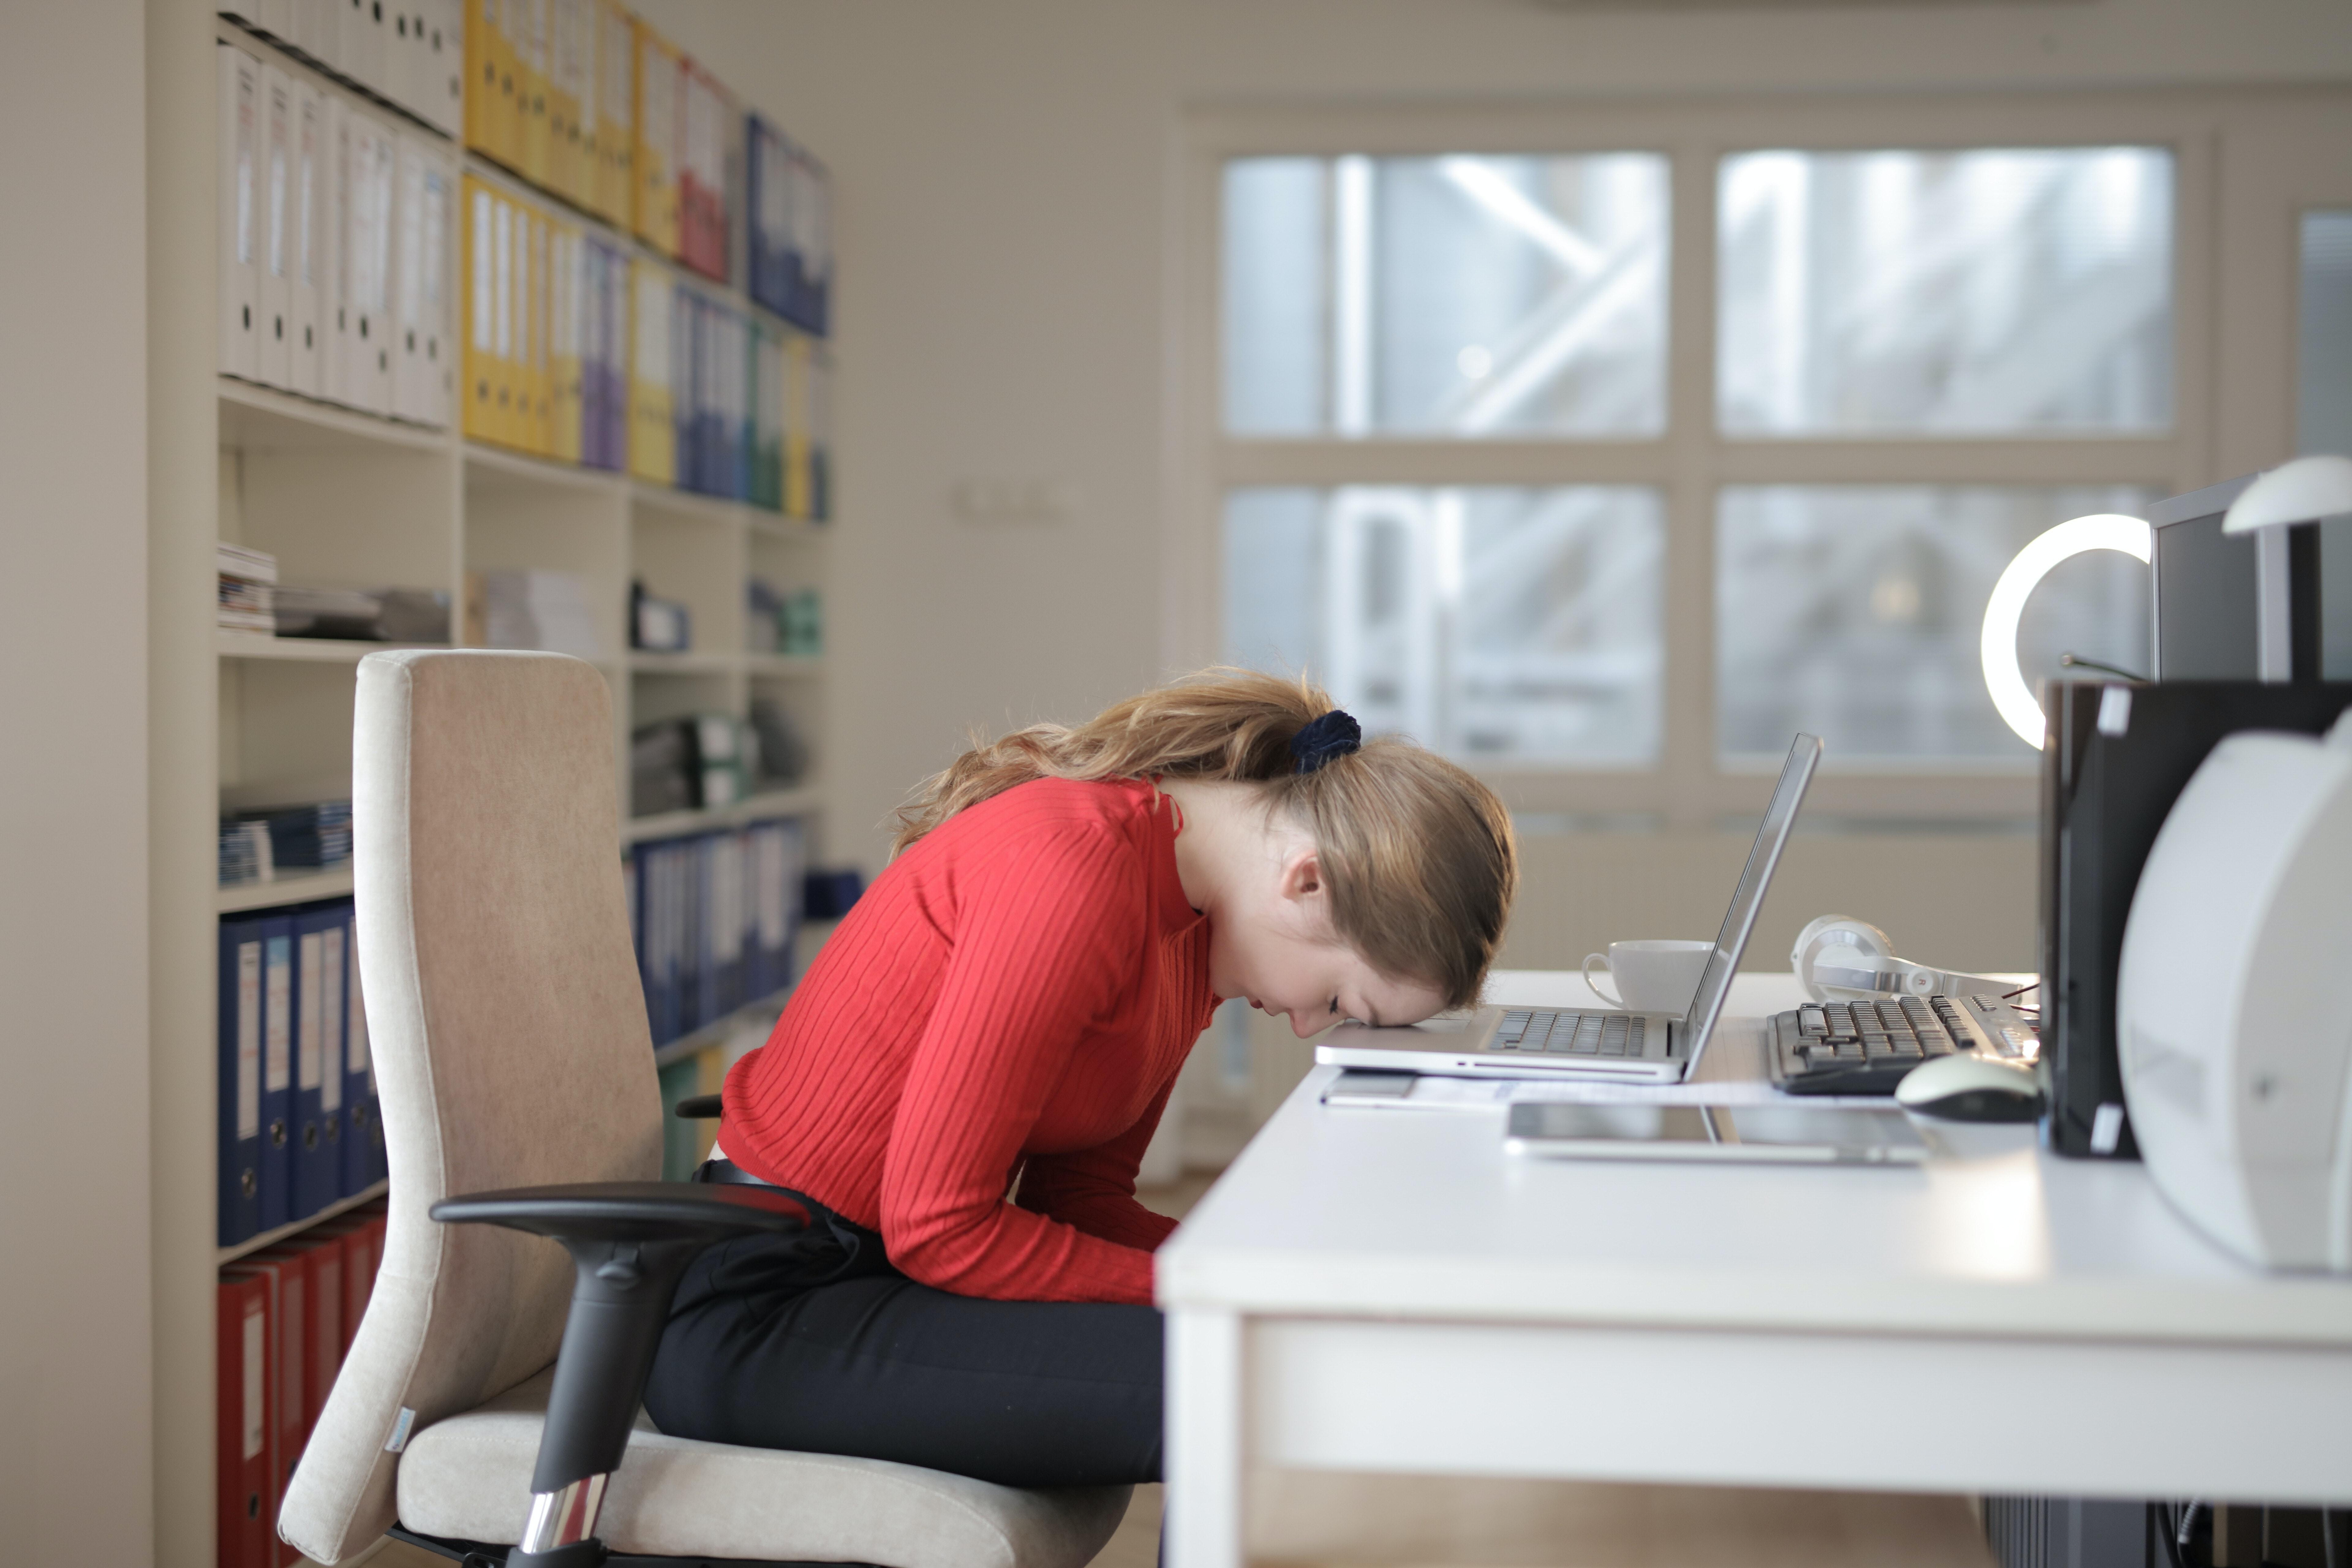 Travailler 55h par semaine, un risque pour la santé